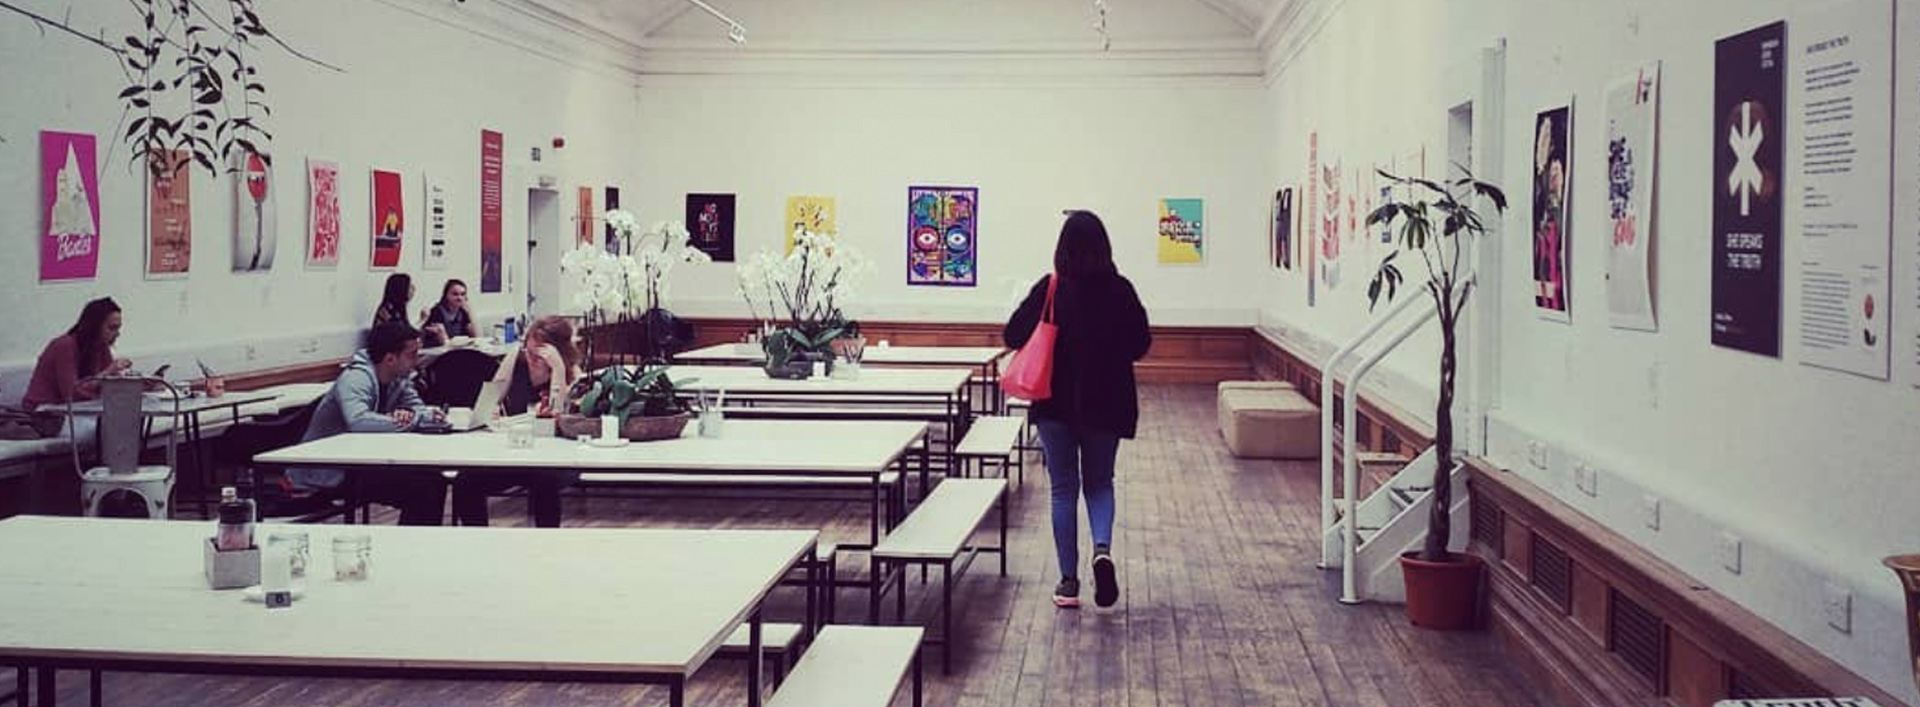 El arte murciano viaja hasta Birmingham